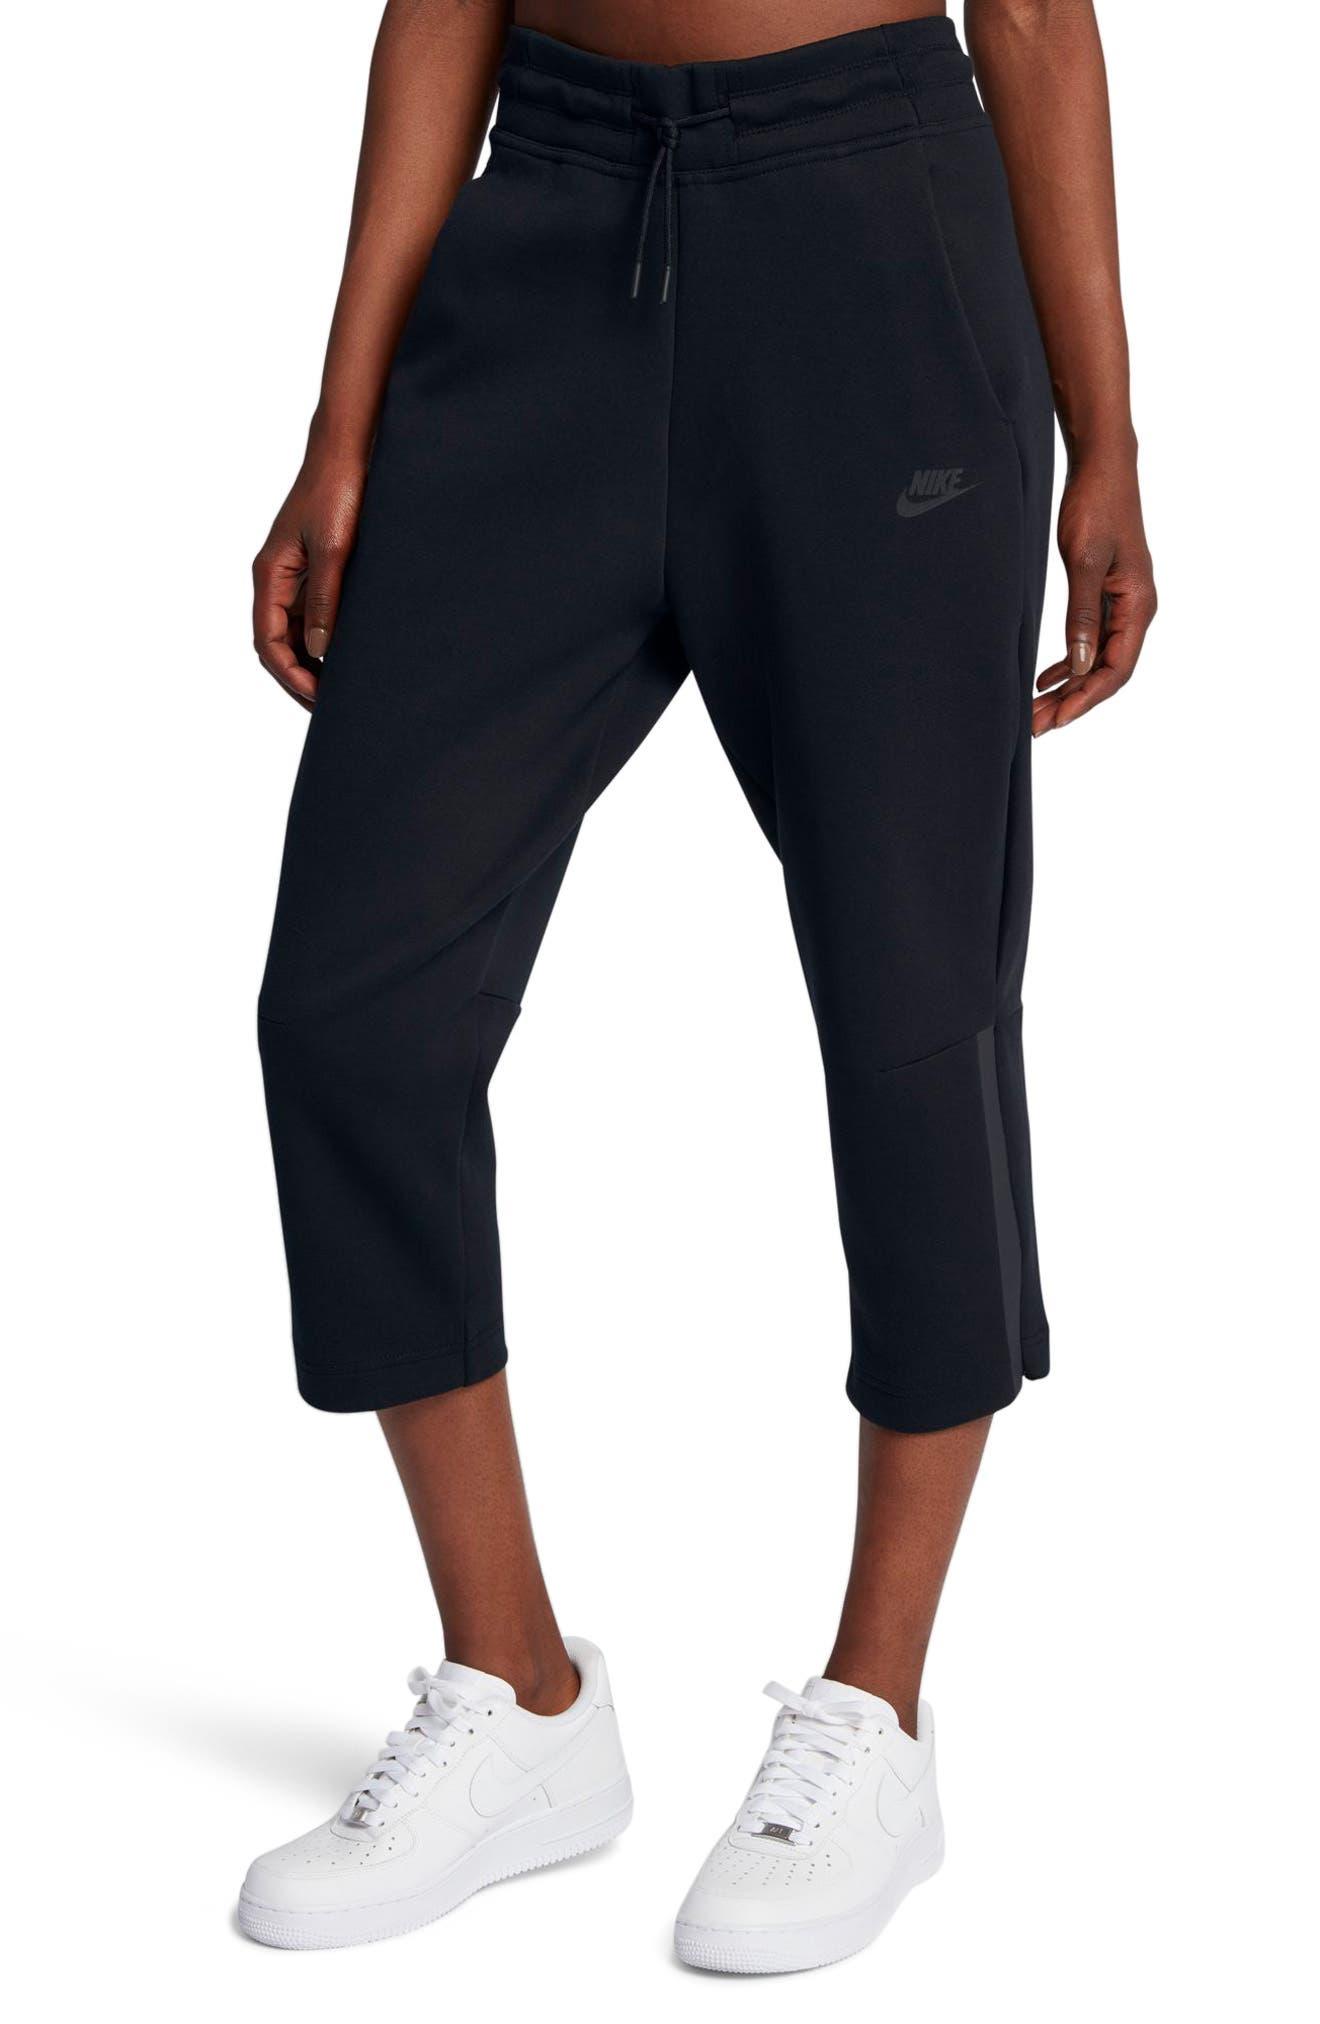 Sportswear Women's Tech Fleece Sneaker Pants,                             Main thumbnail 1, color,                             Black/ Black